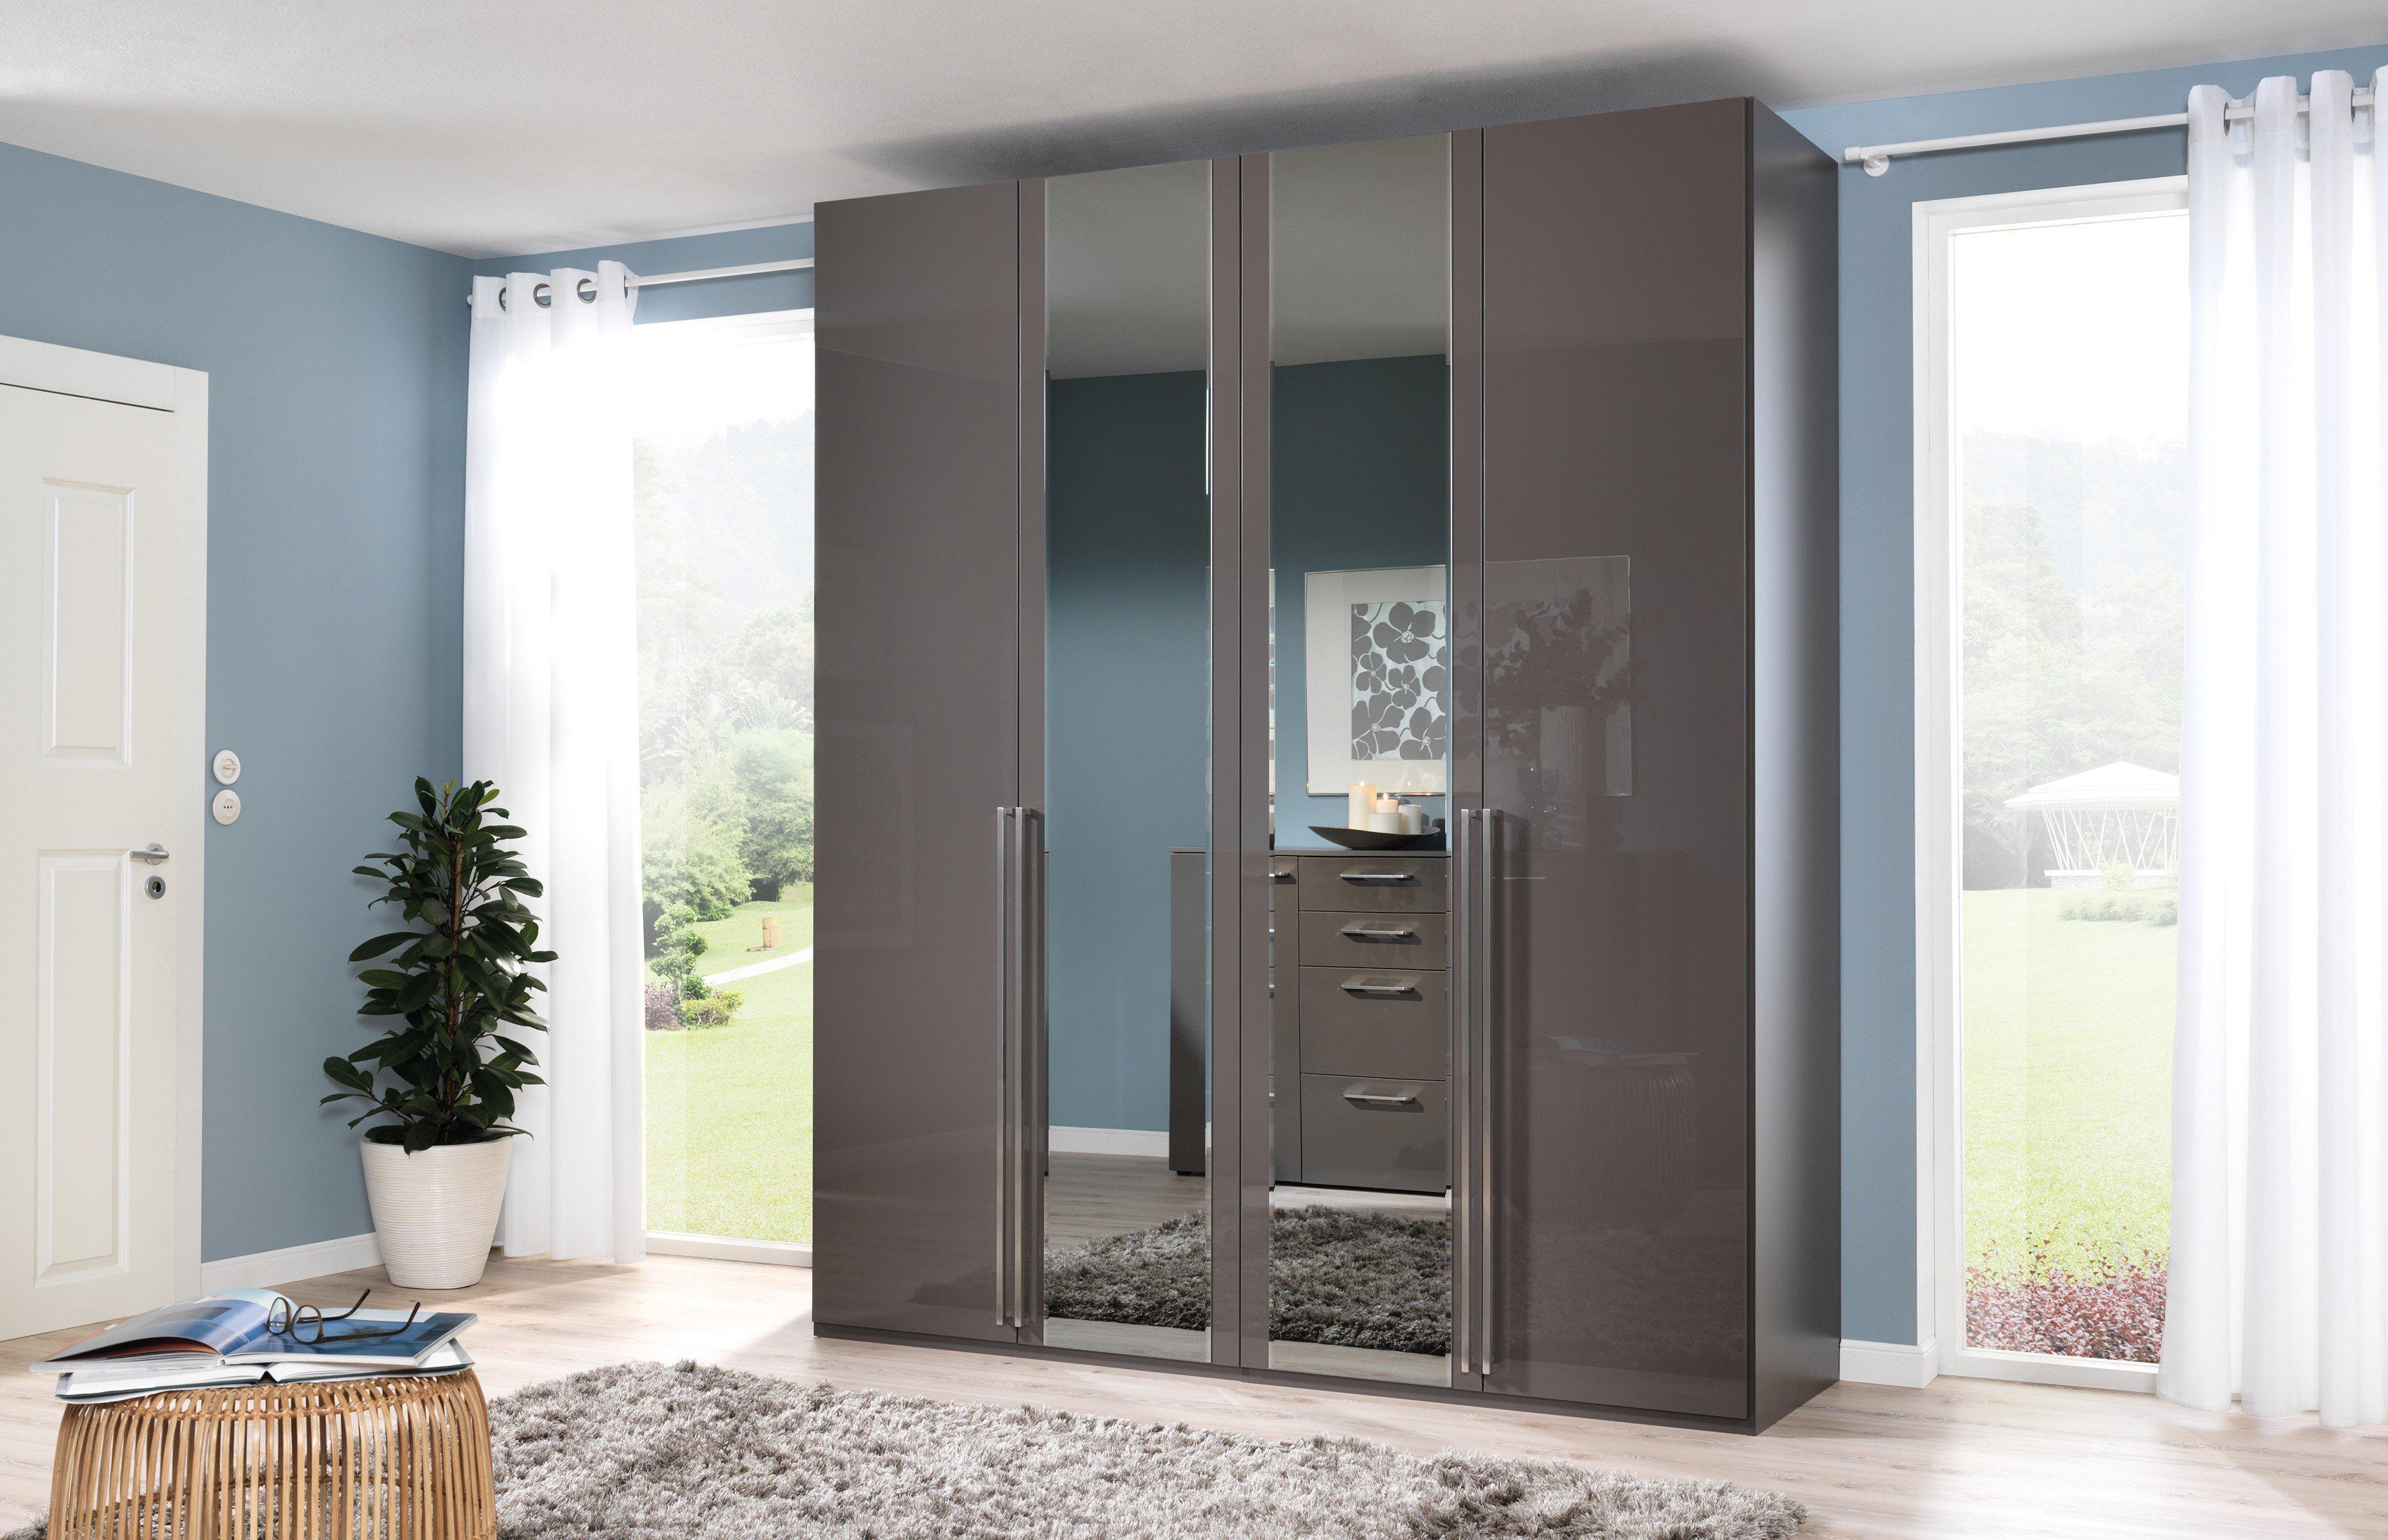 schrank mit spiegel spiegel otto medium size of dekoration spiegel otto mit with schrank mit. Black Bedroom Furniture Sets. Home Design Ideas